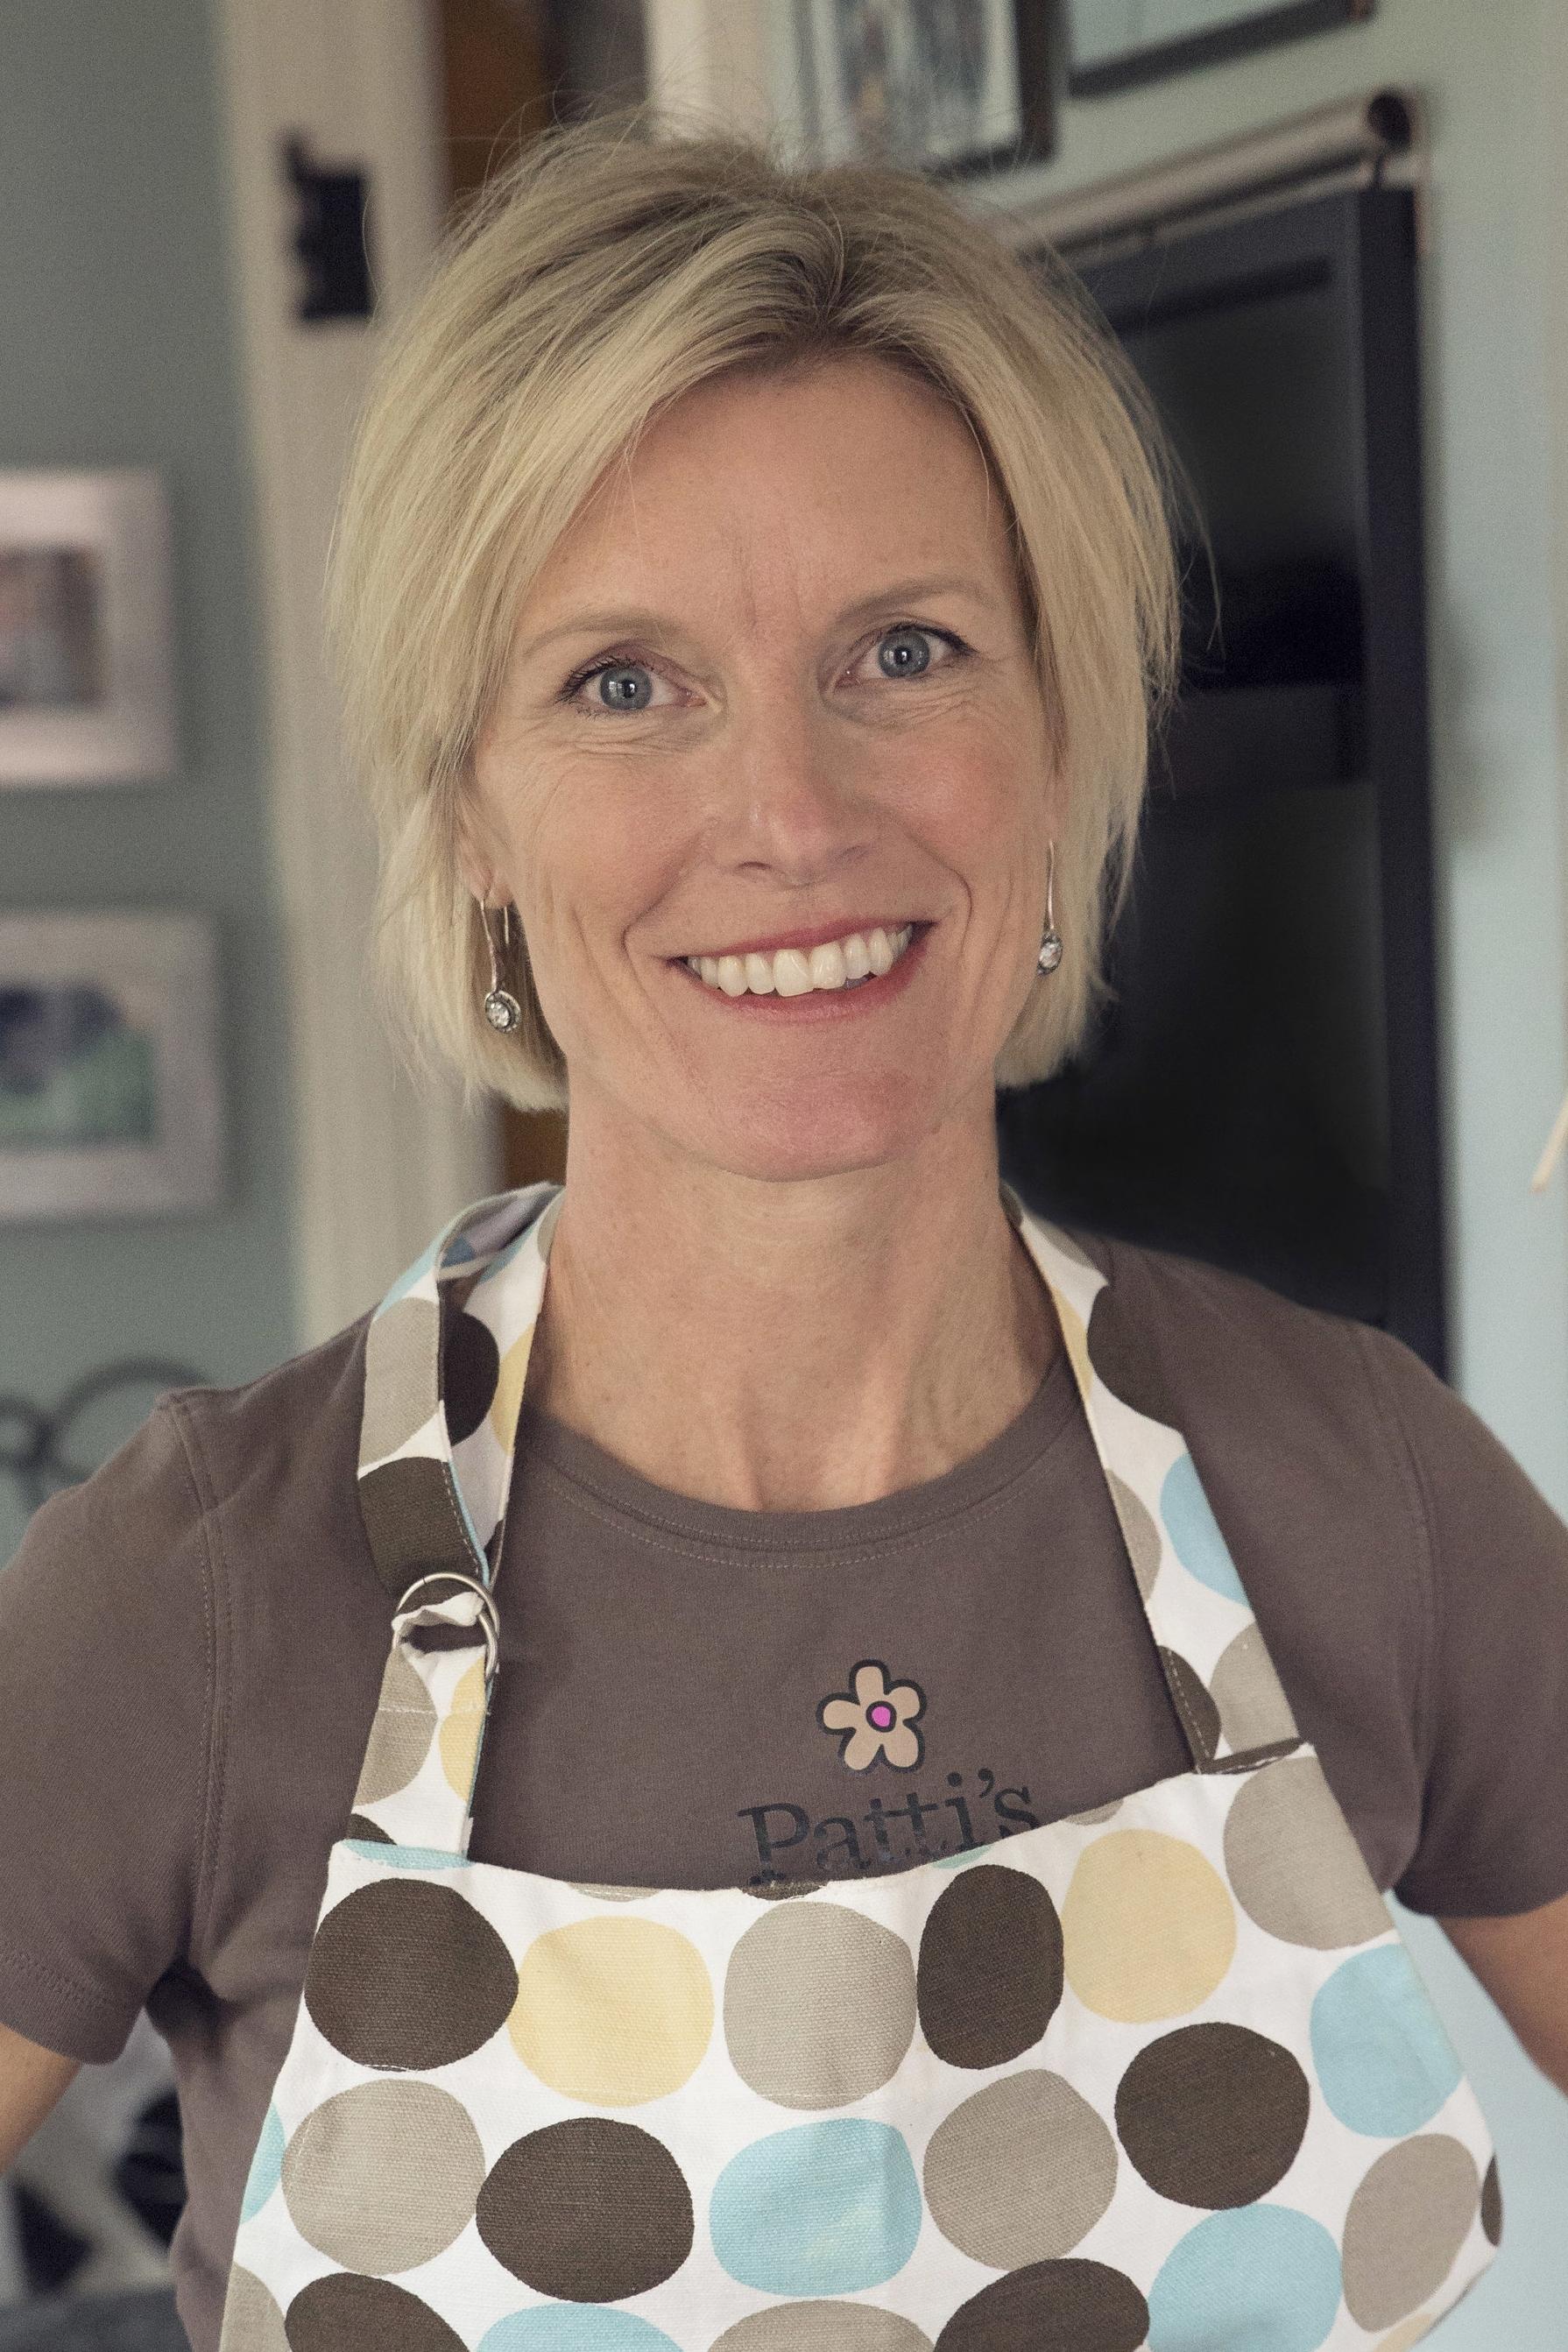 Patti Heimbold, Owner, Patti's Mpls